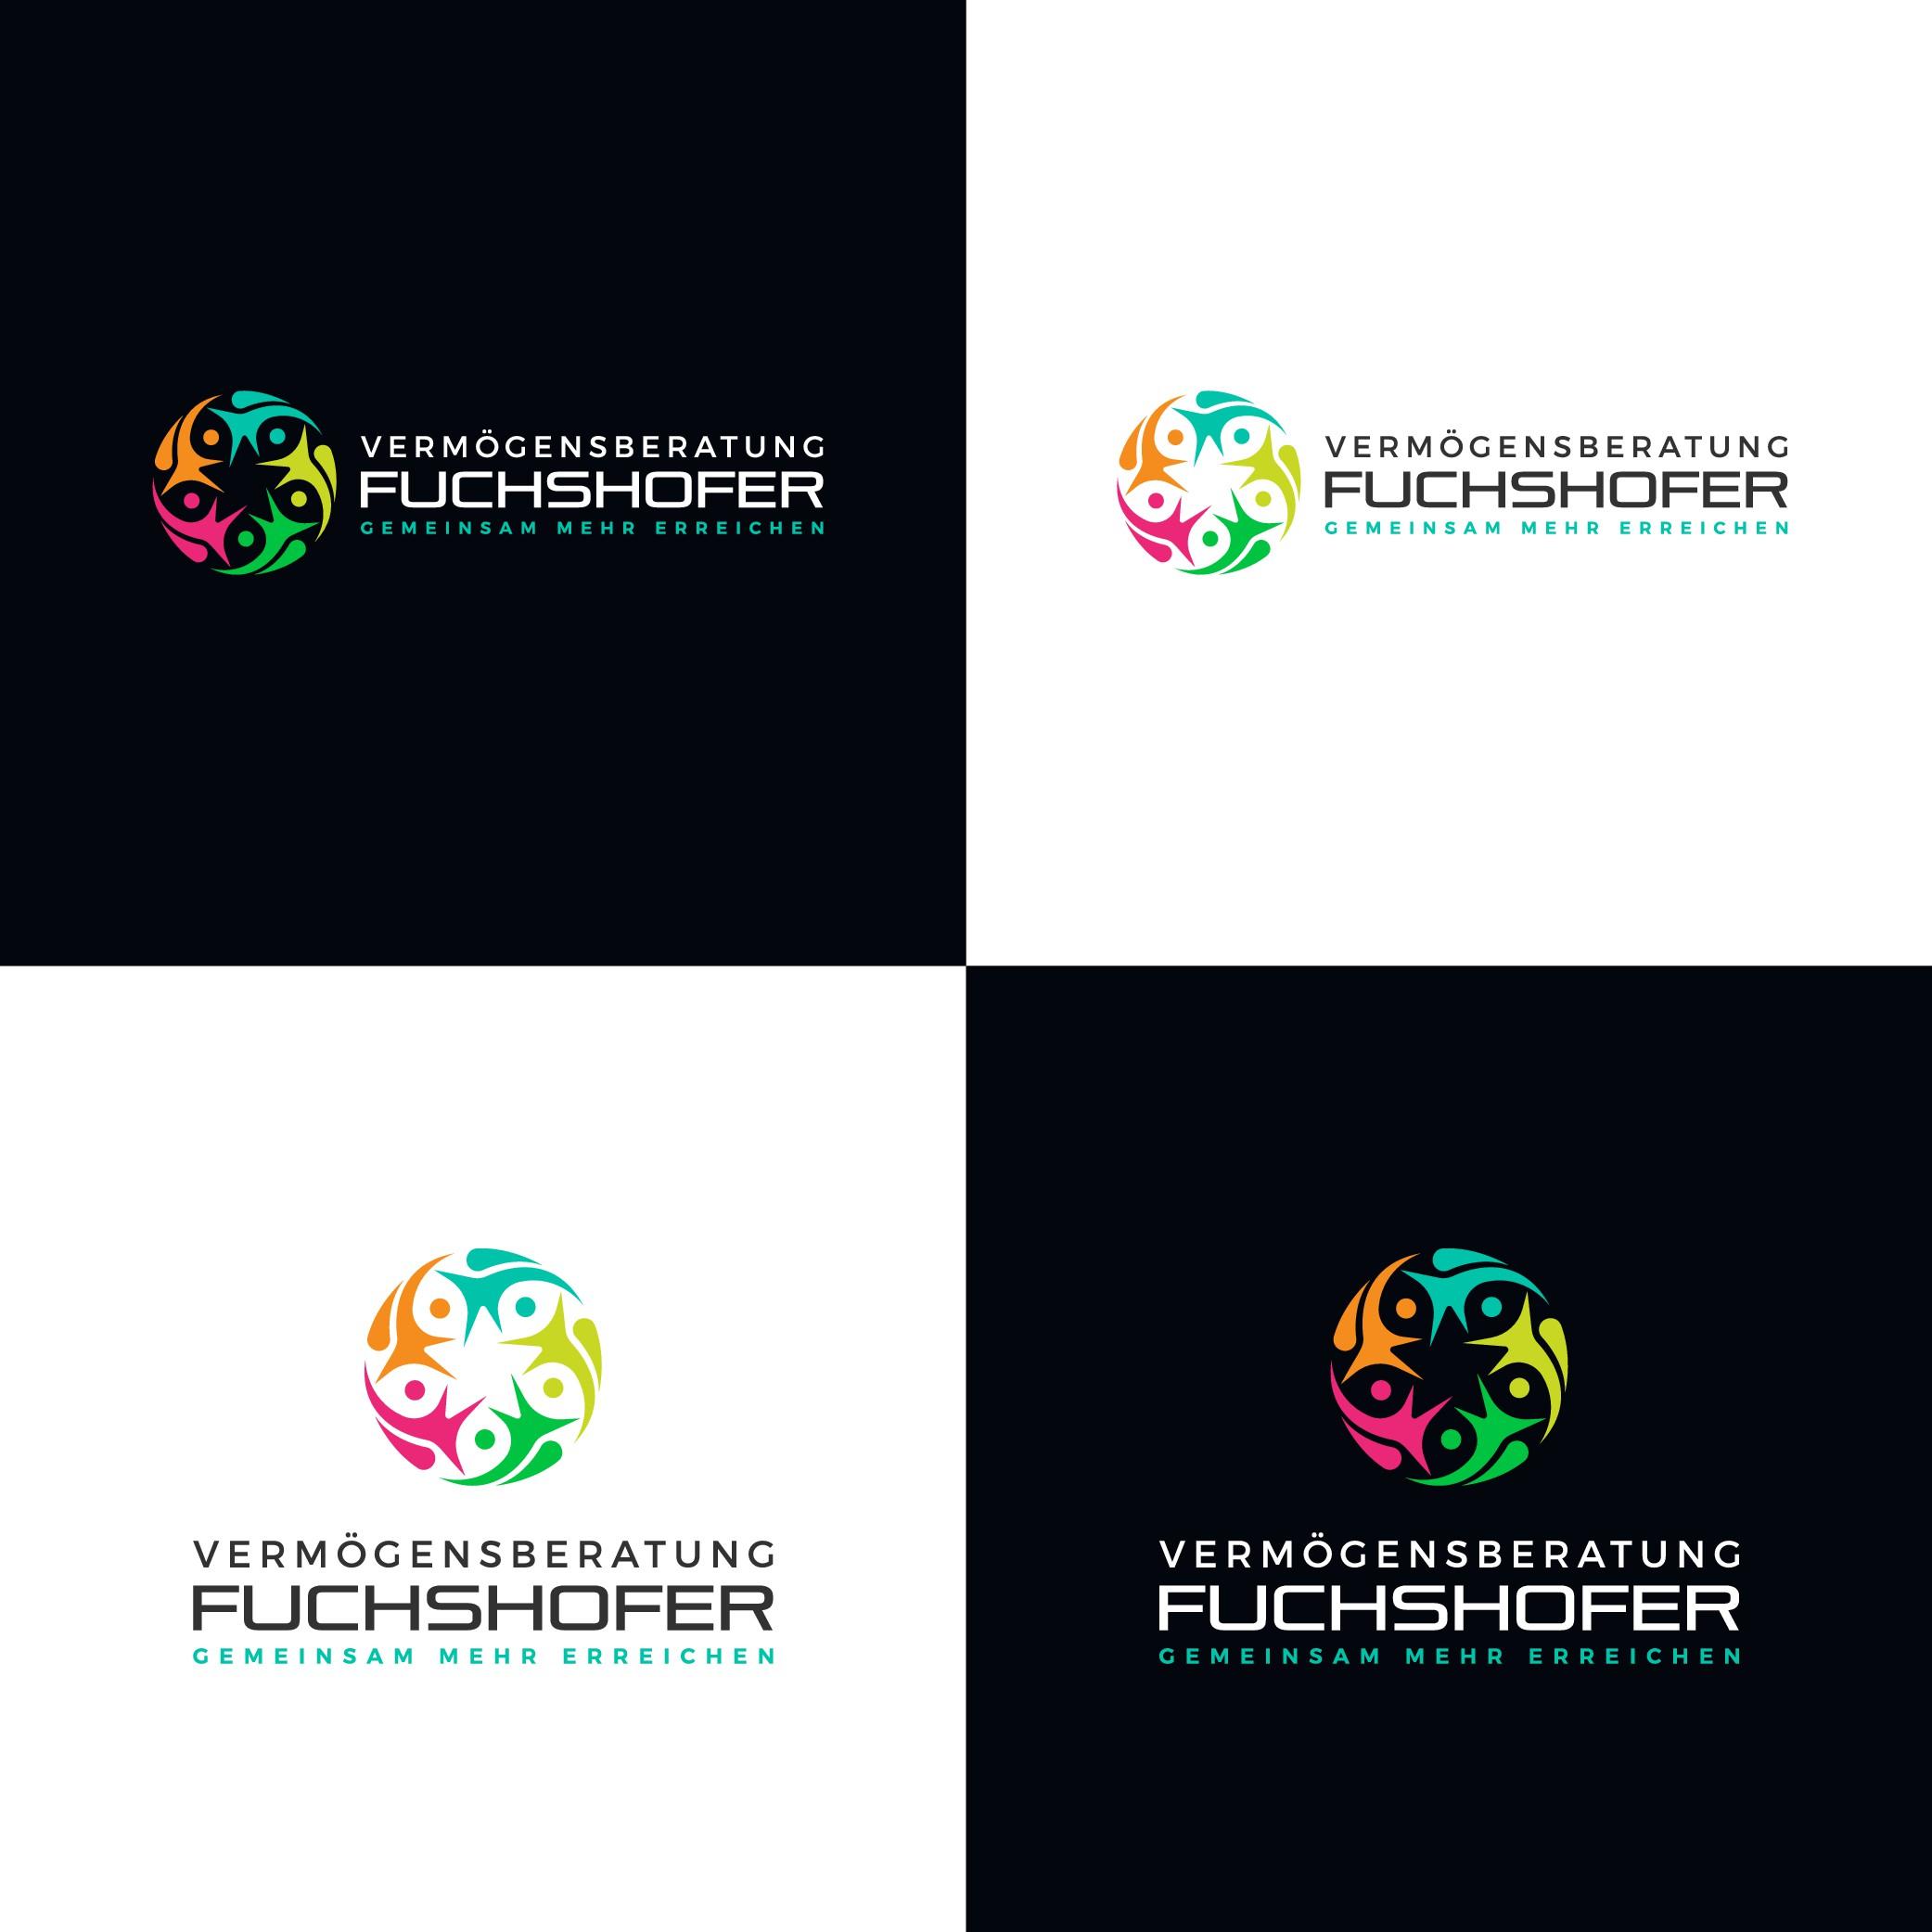 Vertrauensbildendes Logo für Vermögensberatung gesucht!